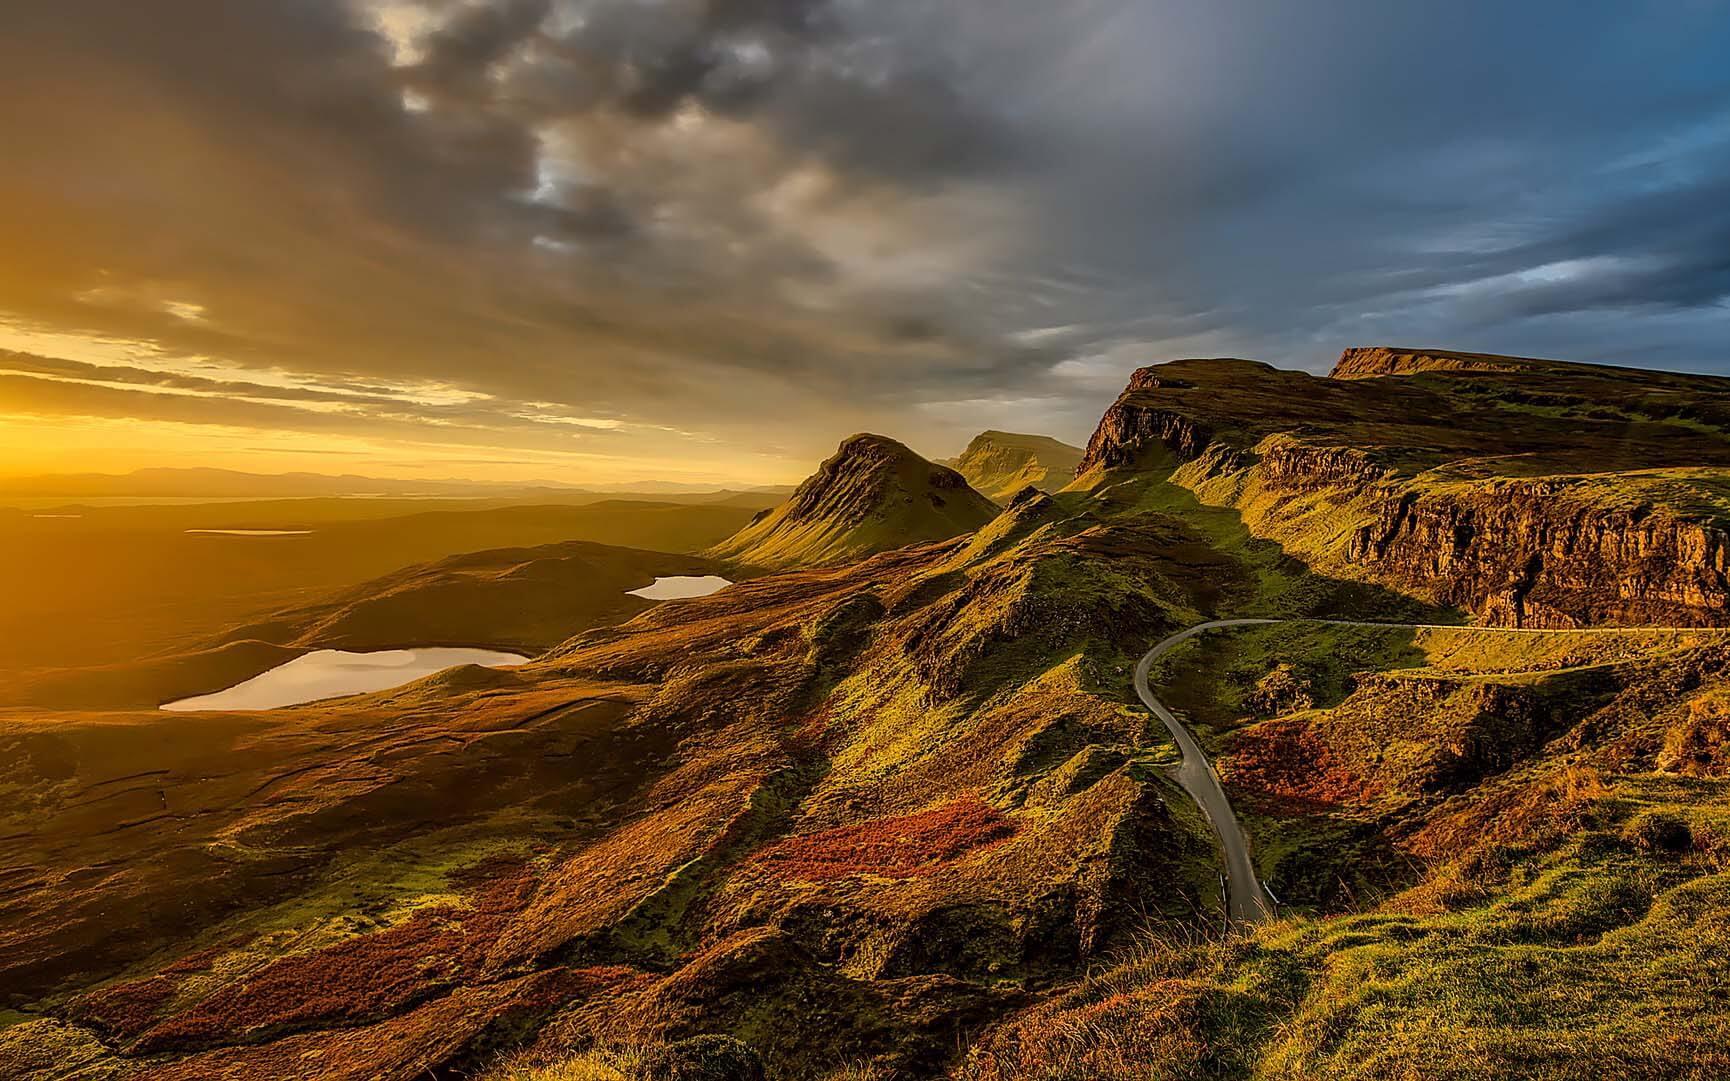 Schottische Landschaft im Sonnenuntergang